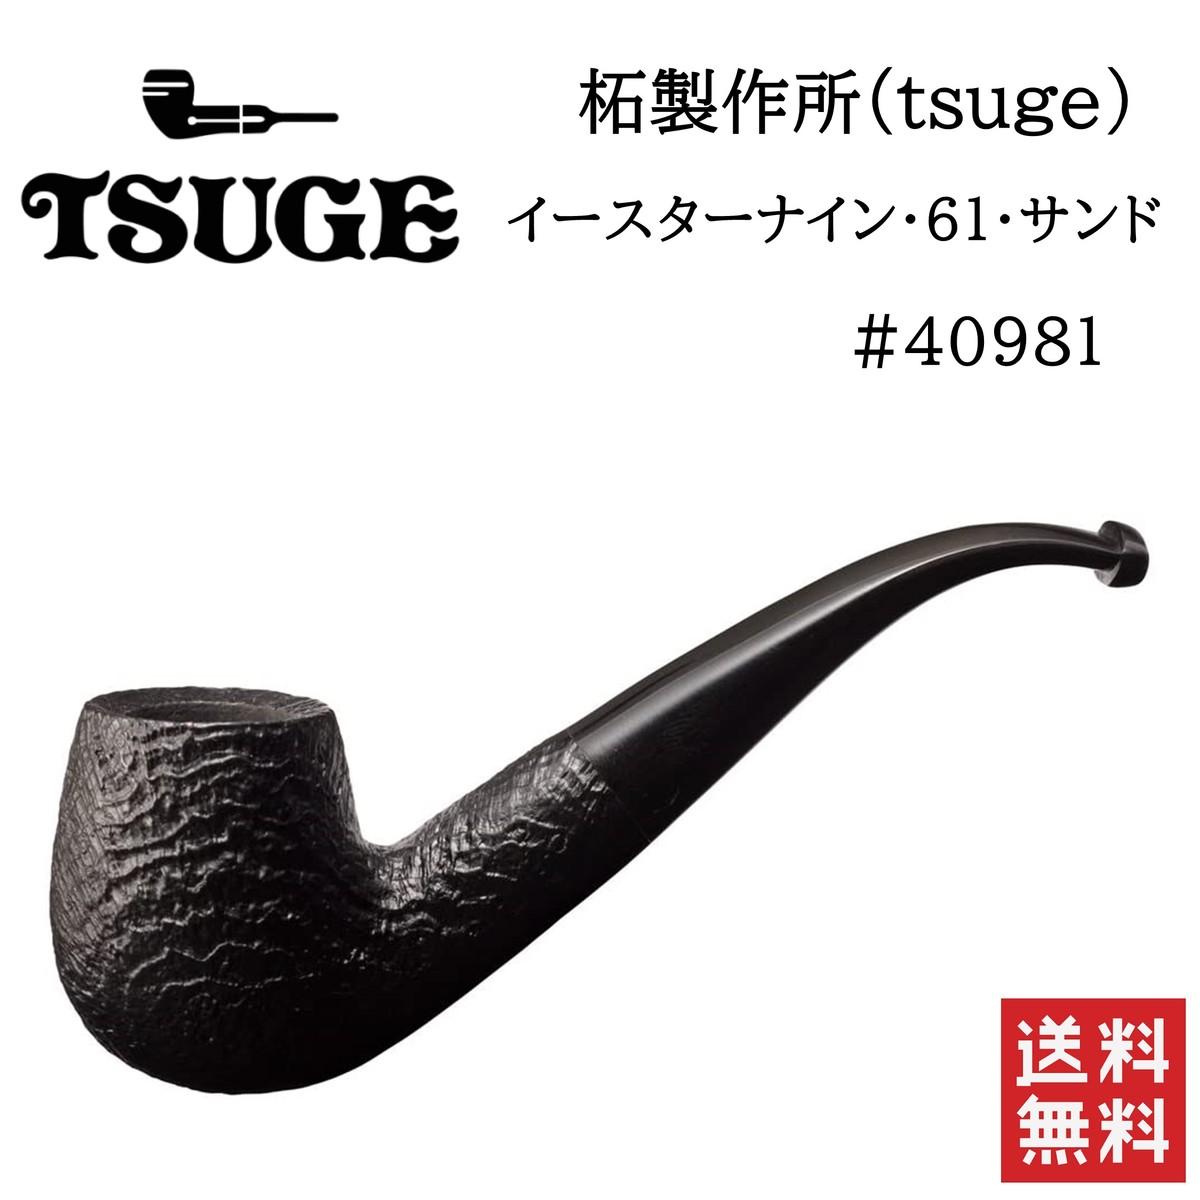 ※ラッピング ※ 送料無料 柘製作所 優先配送 tsuge イースターナイン 61 サンド パイプ 喫煙具 #40981 キセル 煙管